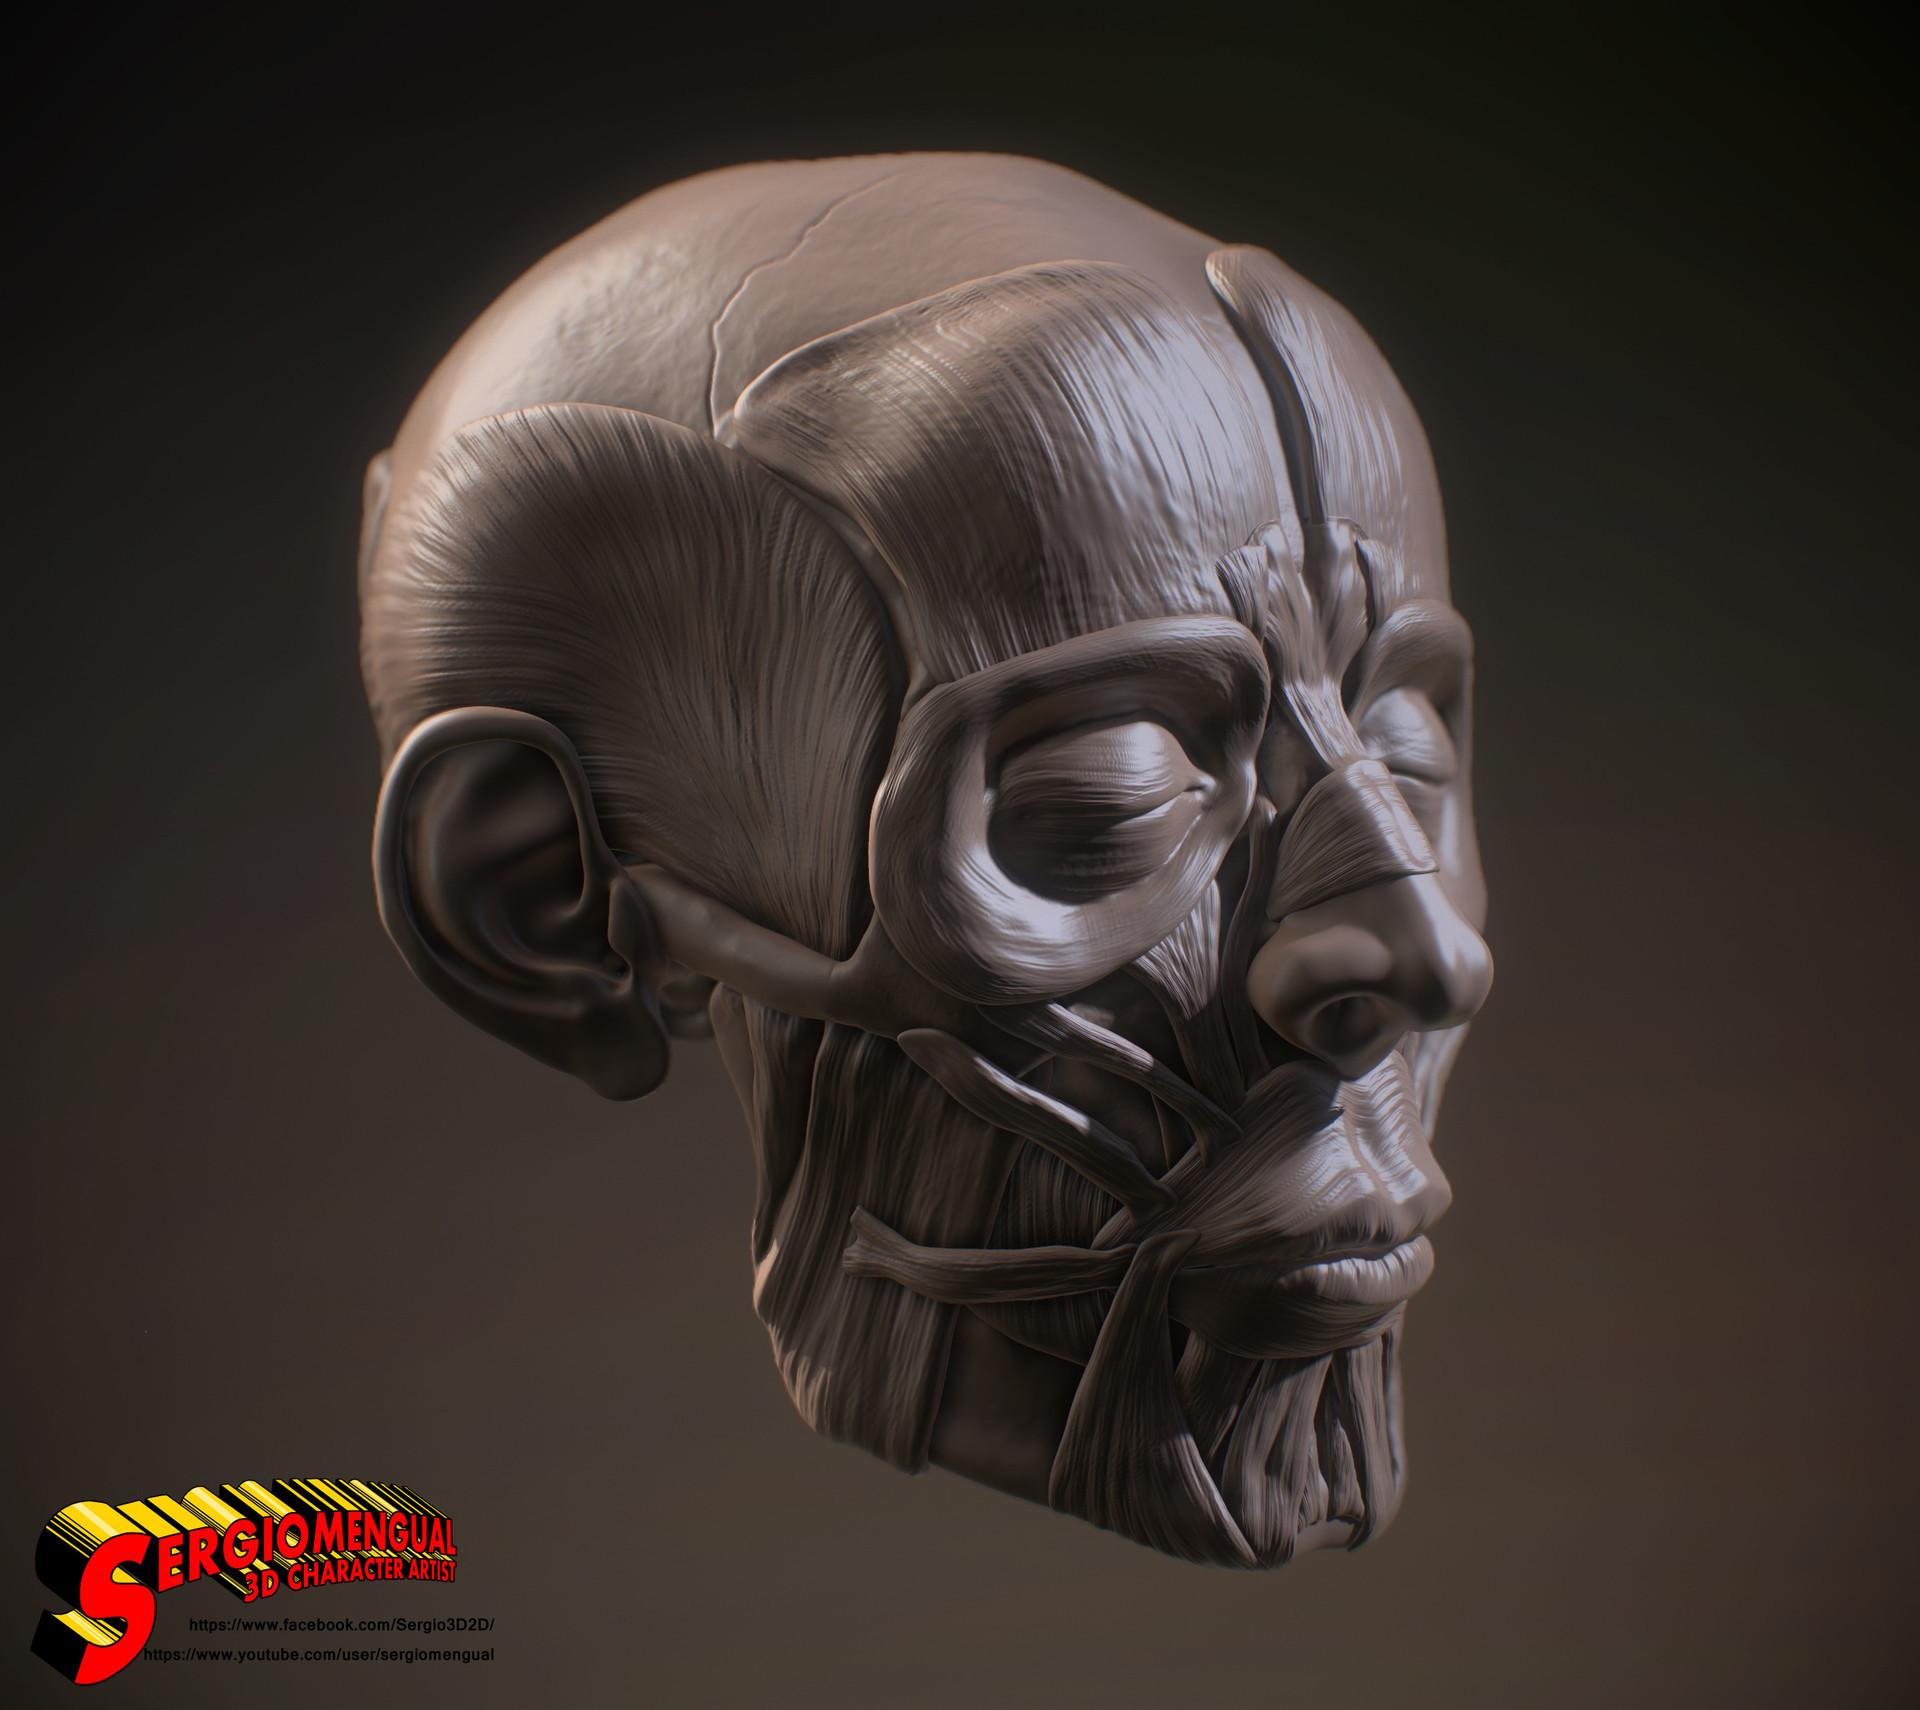 Sergio gabriel mengual sergio gabriel mengual skull ecorche view5